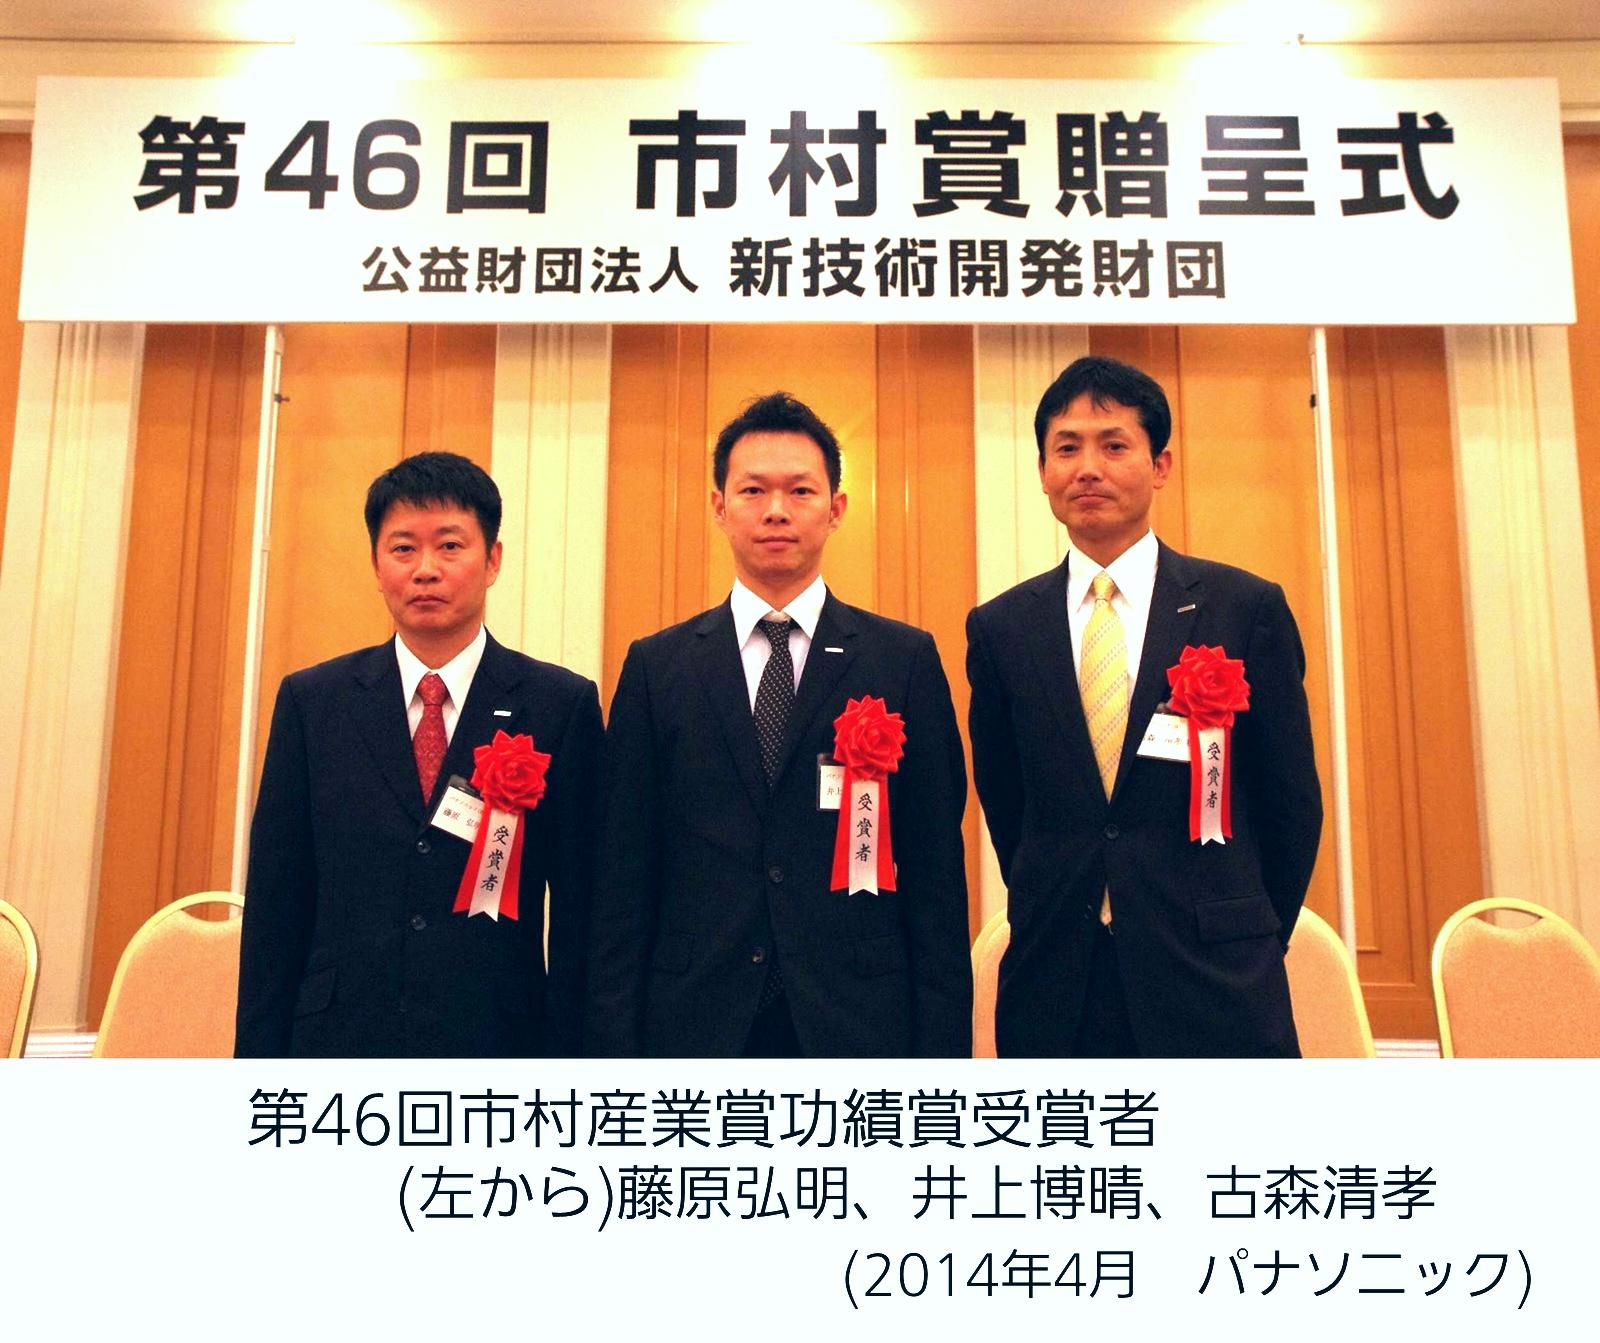 第46回市村産業賞功績賞受賞者